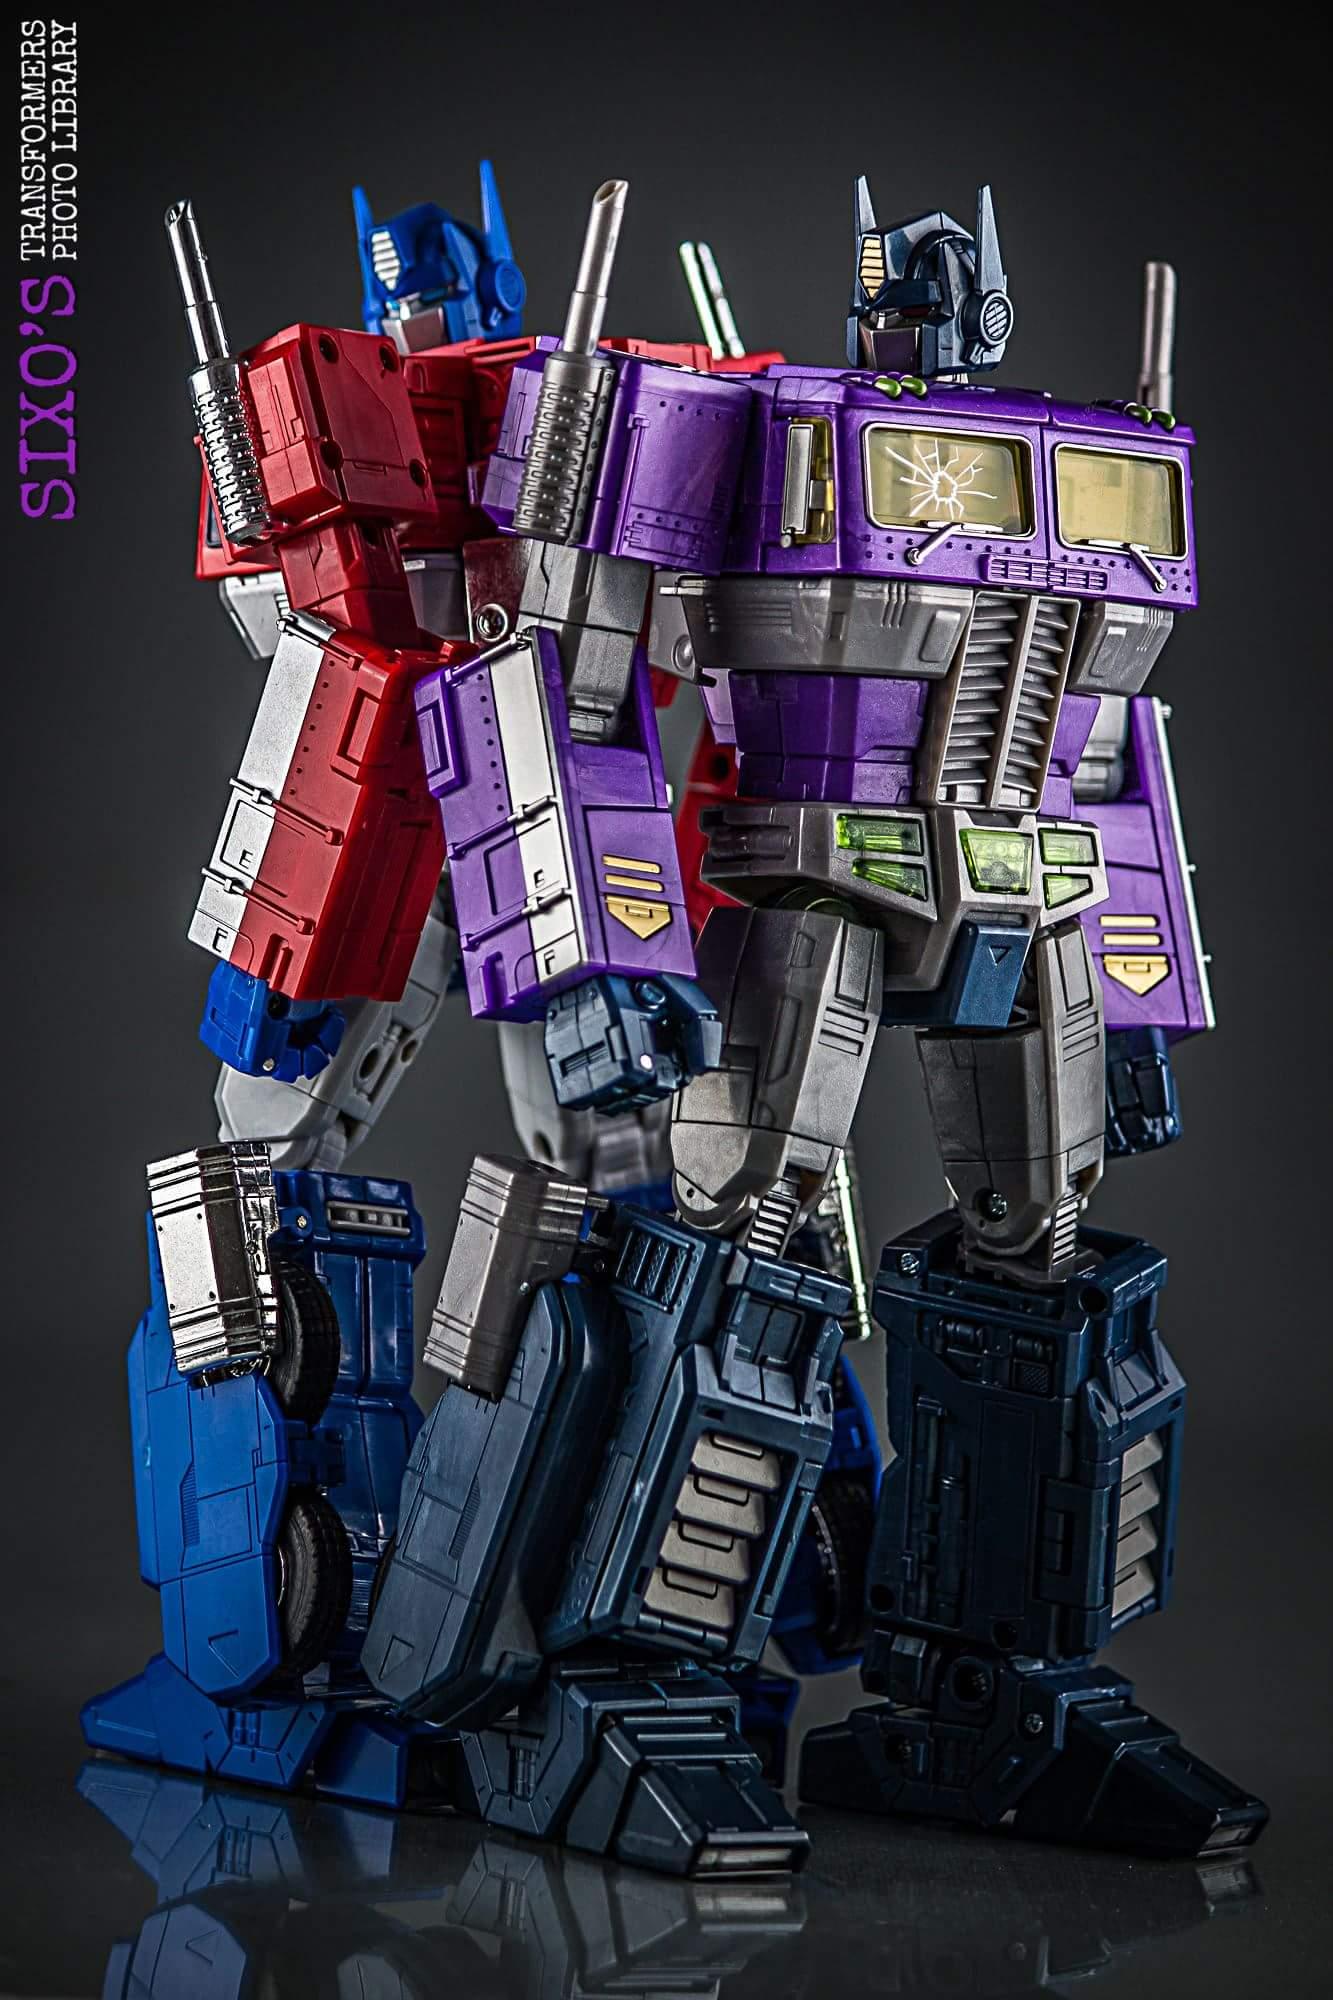 [Masterpiece] MP-10B | MP-10A | MP-10R | MP-10SG | MP-10K | MP-711 | MP-10G | MP-10 ASL ― Convoy (Optimus Prime/Optimus Primus) - Page 5 CA2TAxFt